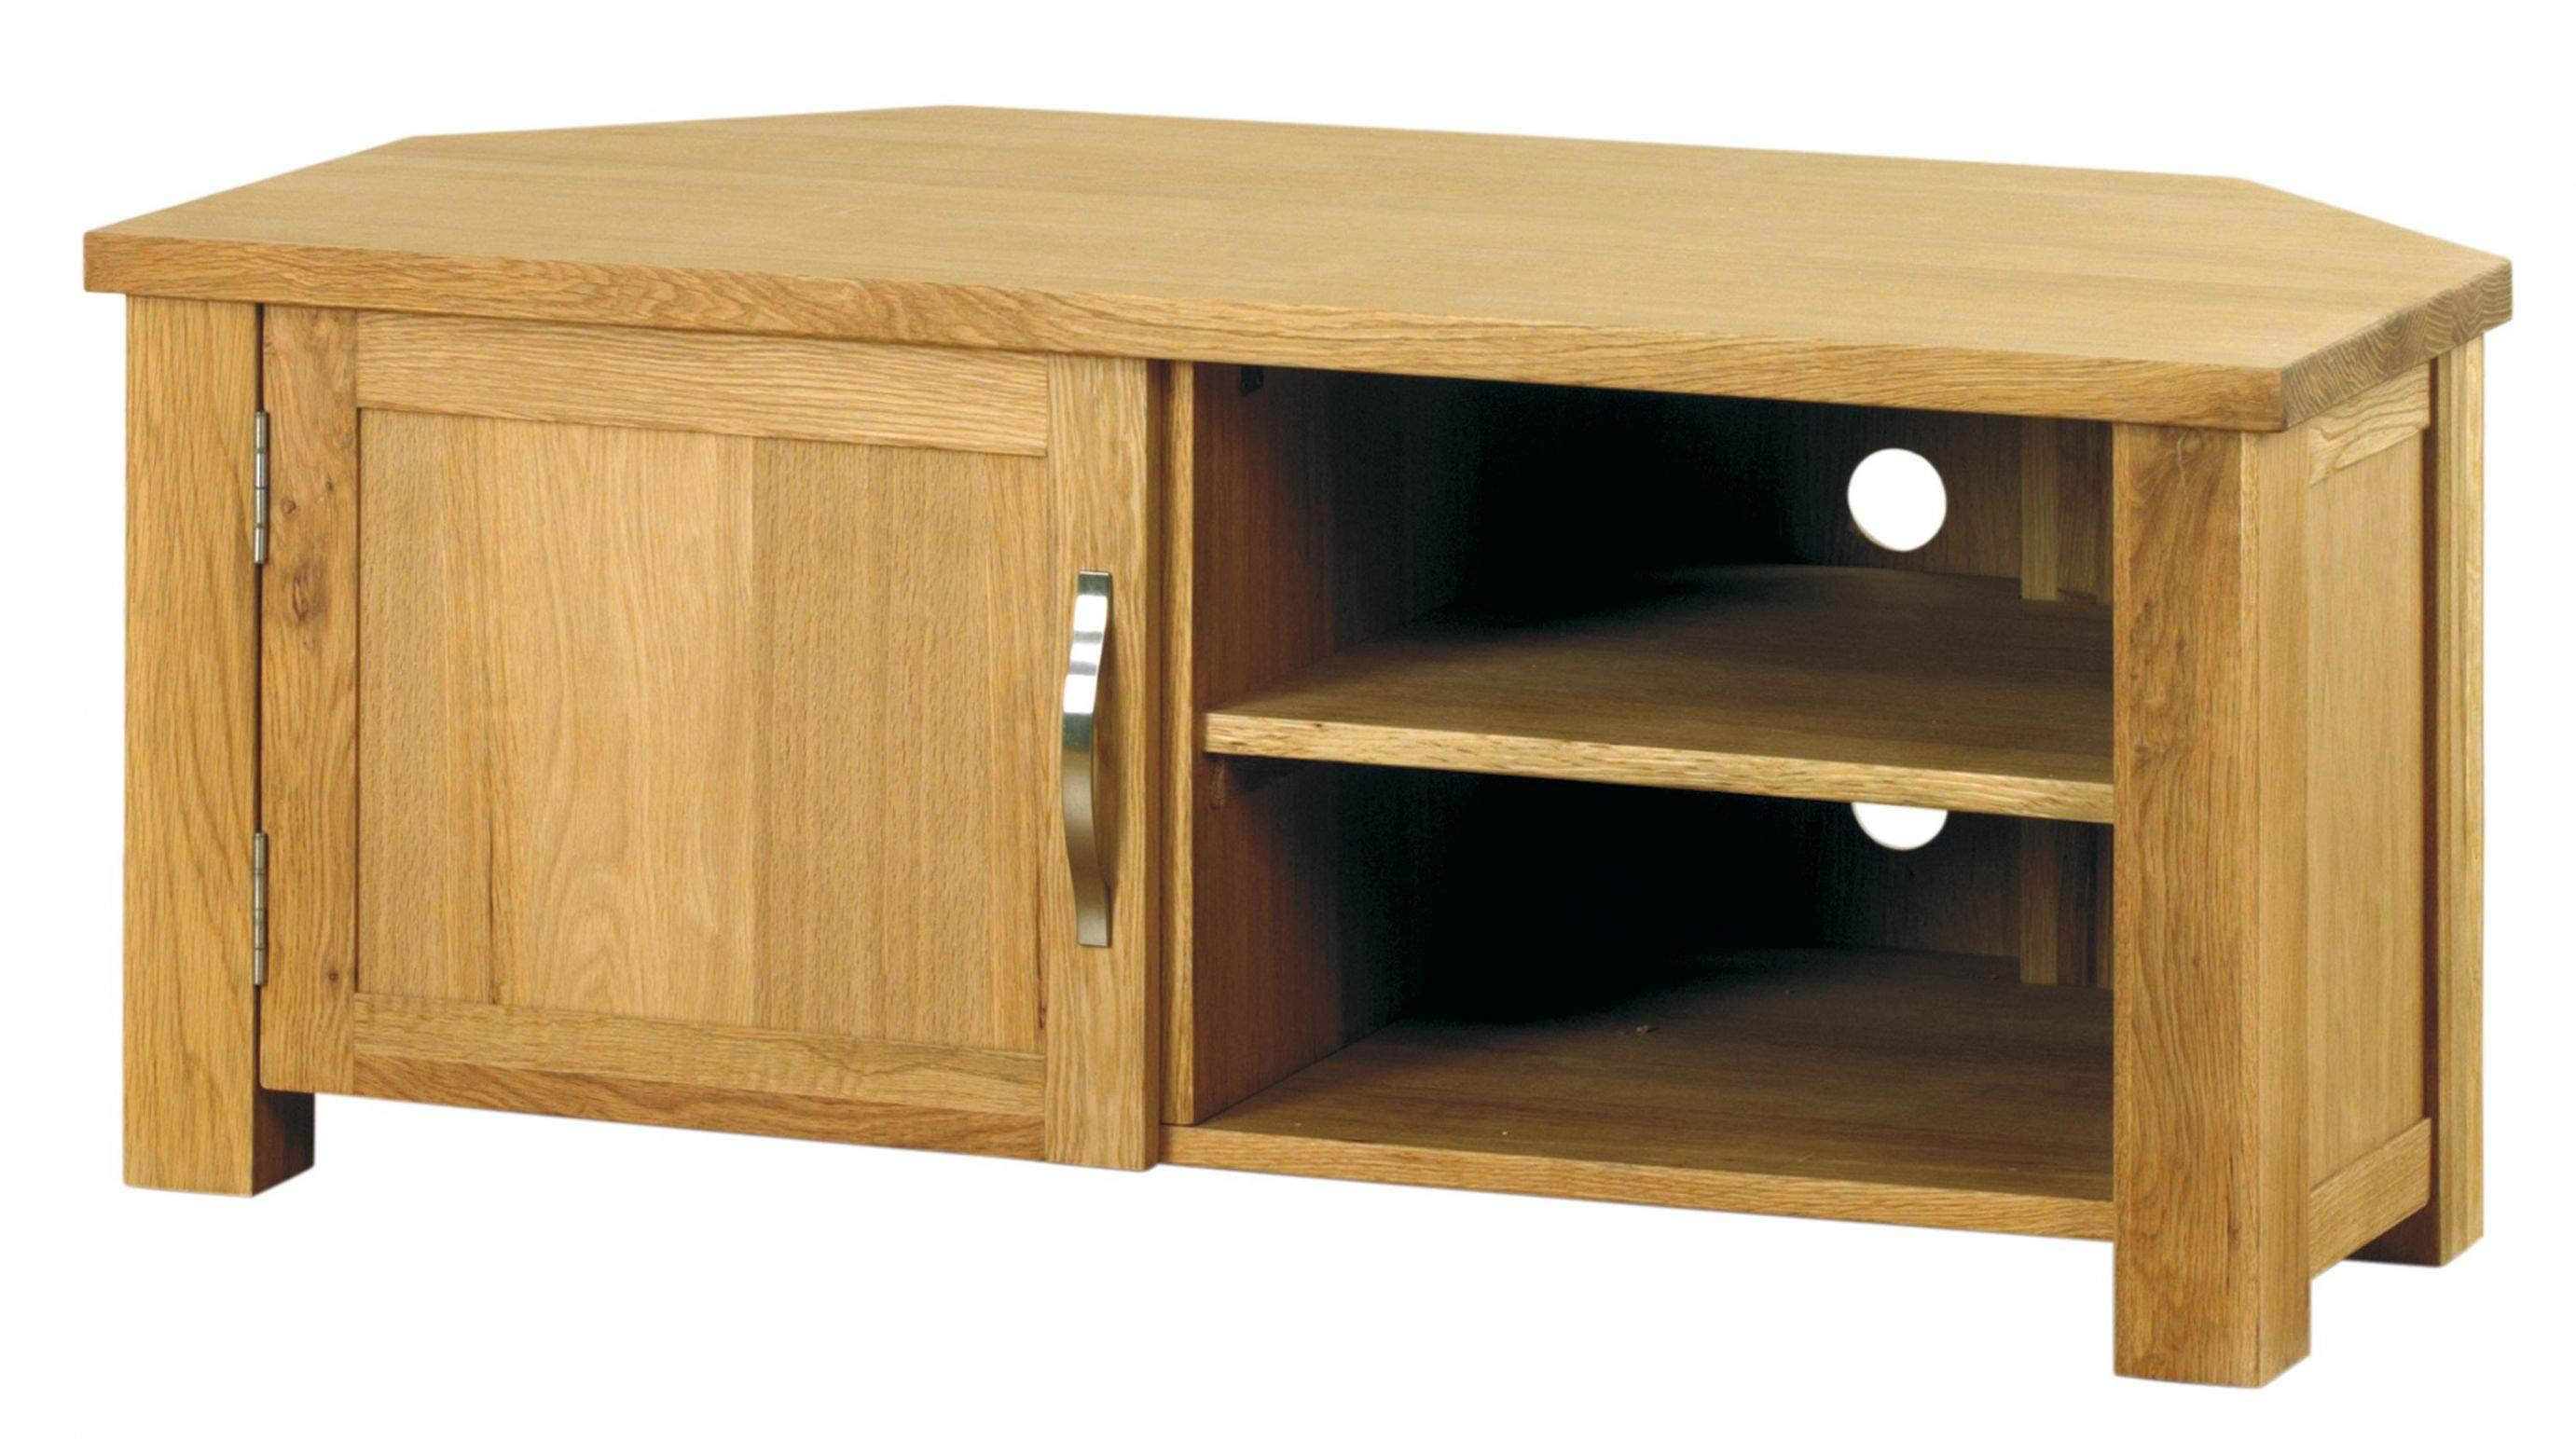 Mẫu kệ tivi góc bằng gỗ – TC30228